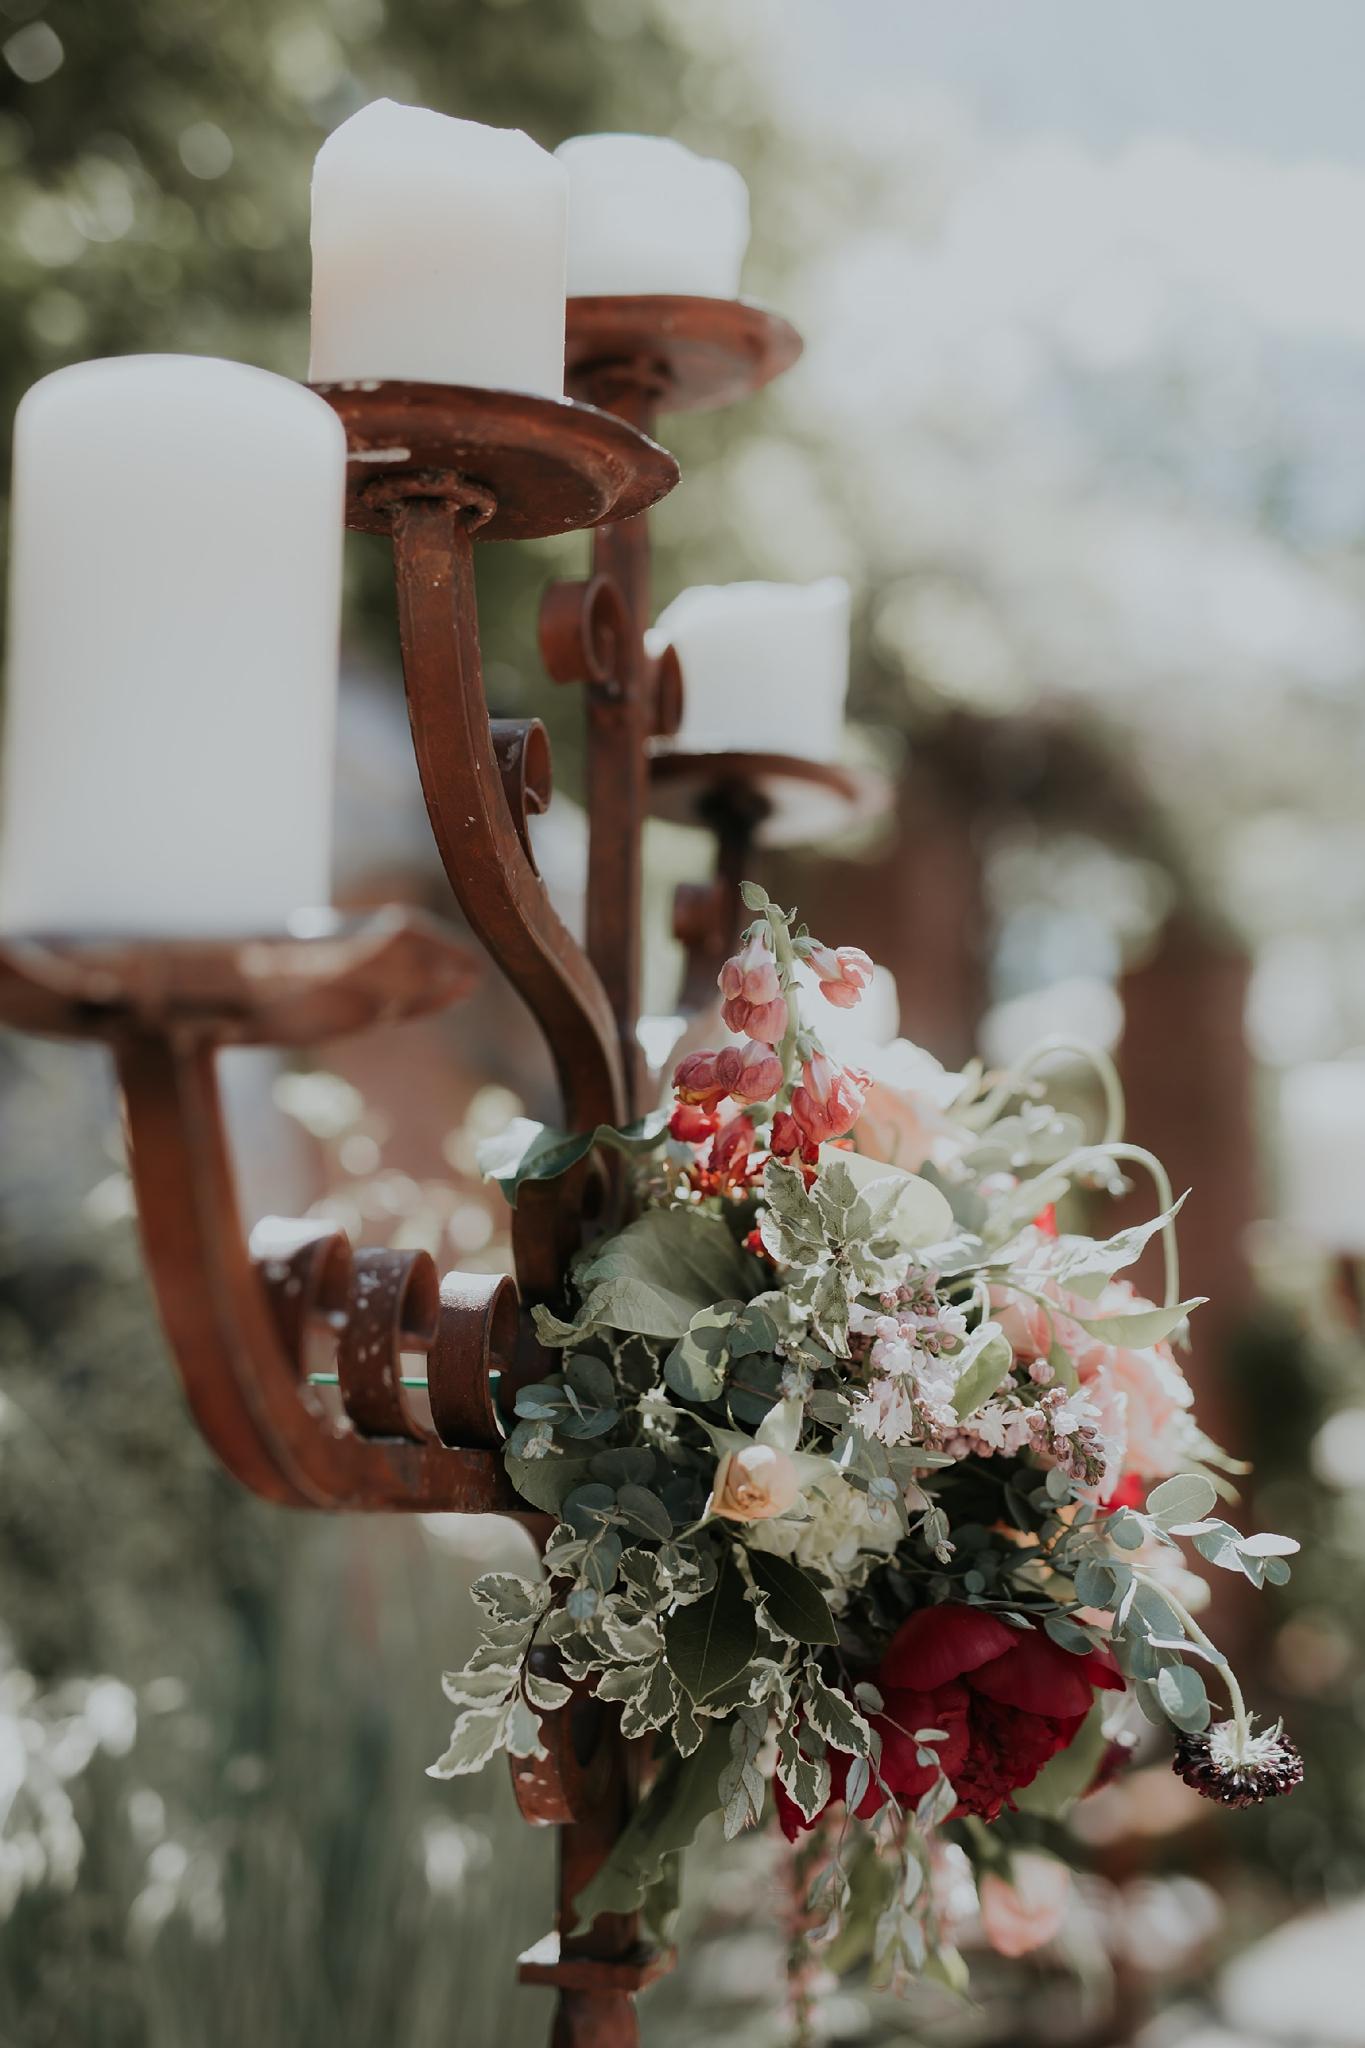 Alicia+lucia+photography+-+albuquerque+wedding+photographer+-+santa+fe+wedding+photography+-+new+mexico+wedding+photographer+-+new+mexico+wedding+-+new+mexico+florist+-+floriography+flowers+-+floriography+flowers+new+mexico+-+wedding+florist_0104.jpg